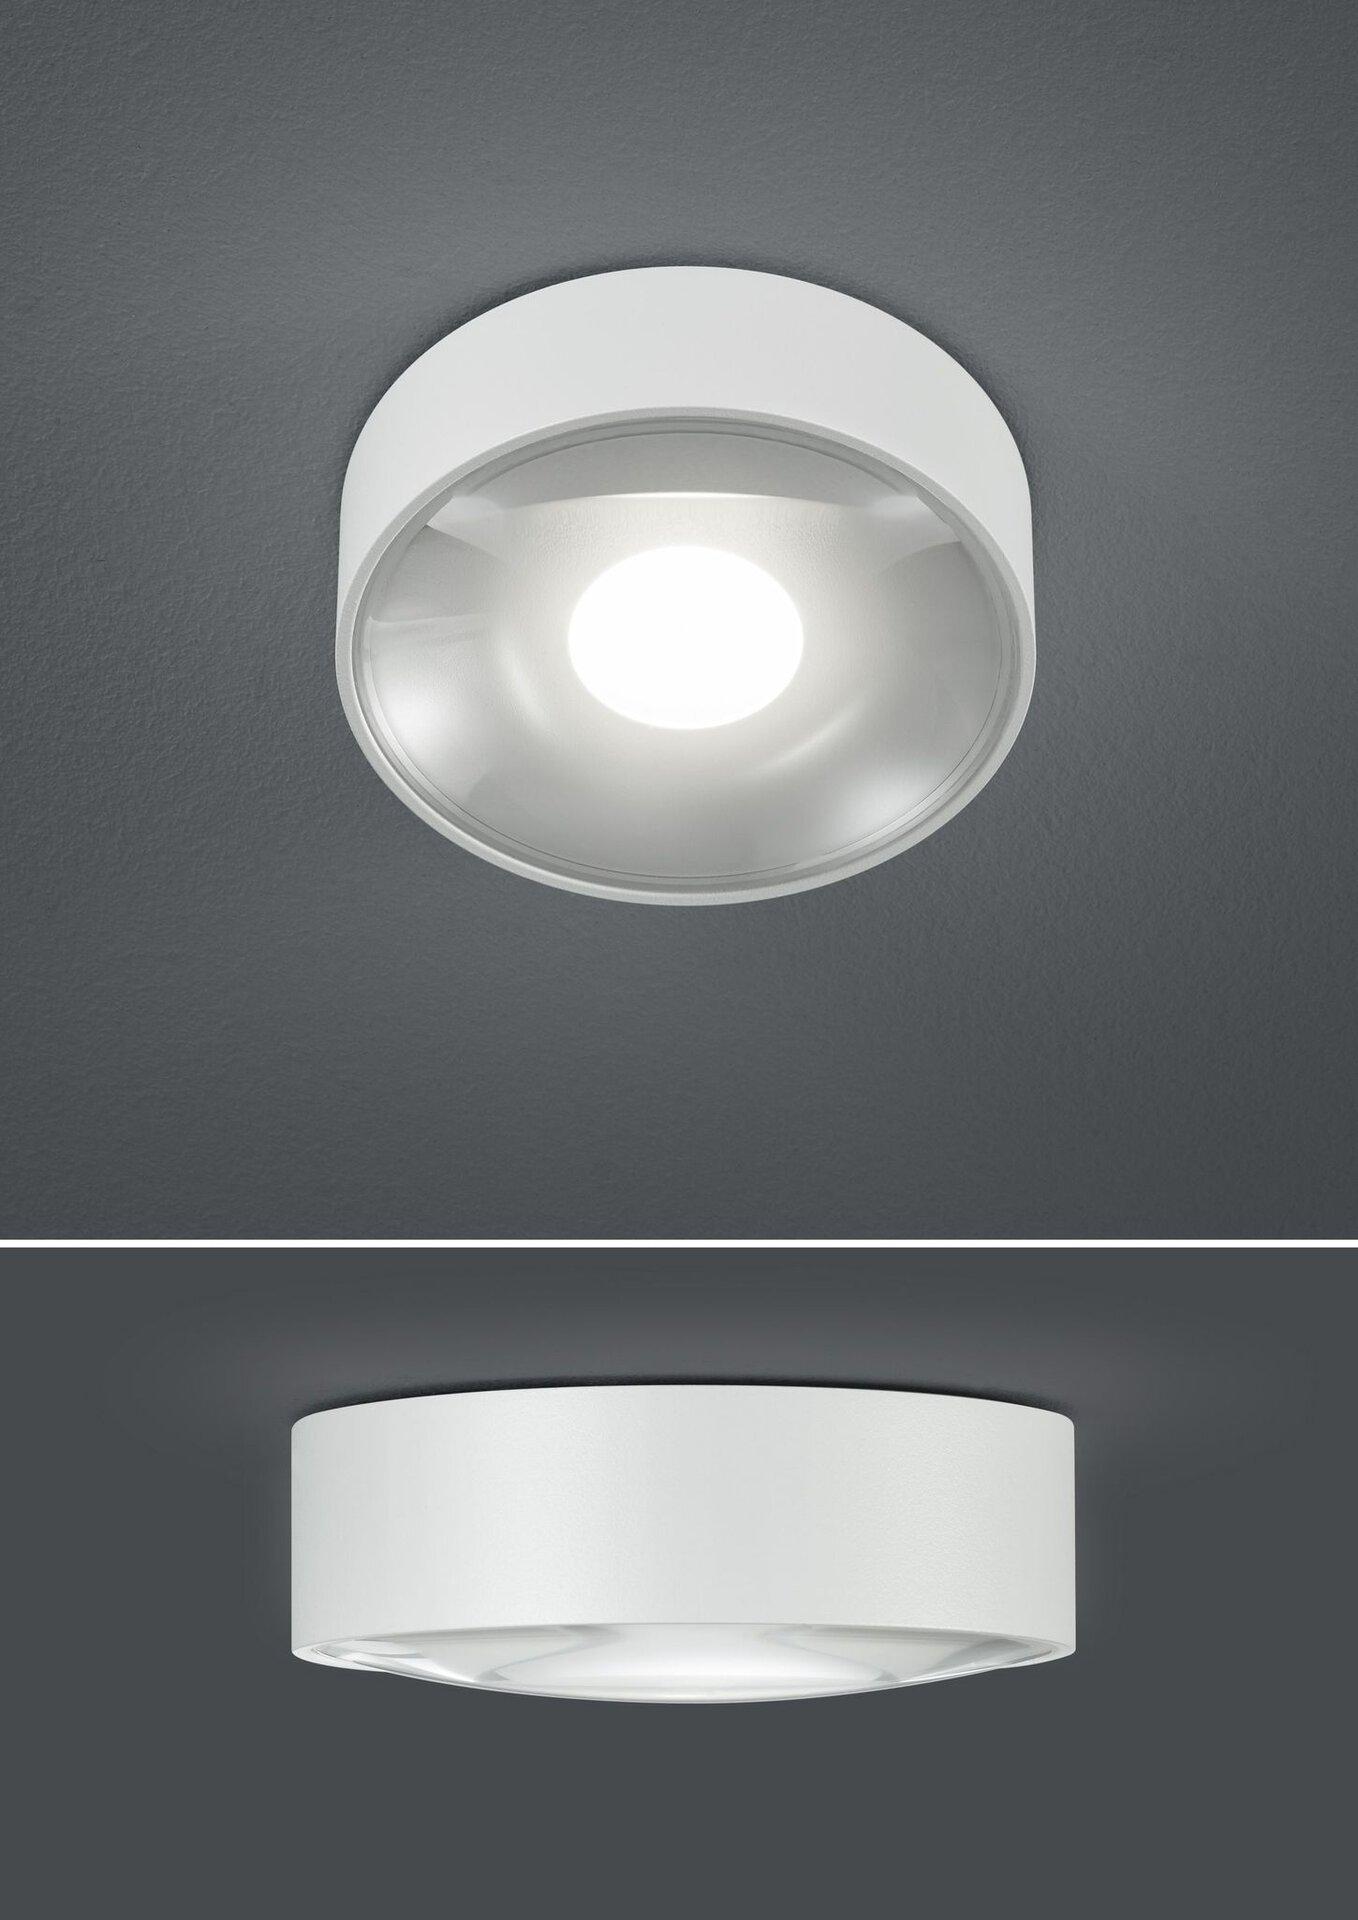 Bad-Deckenleuchte CONA B-Leuchten Metall weiß 11 x 4 x 11 cm